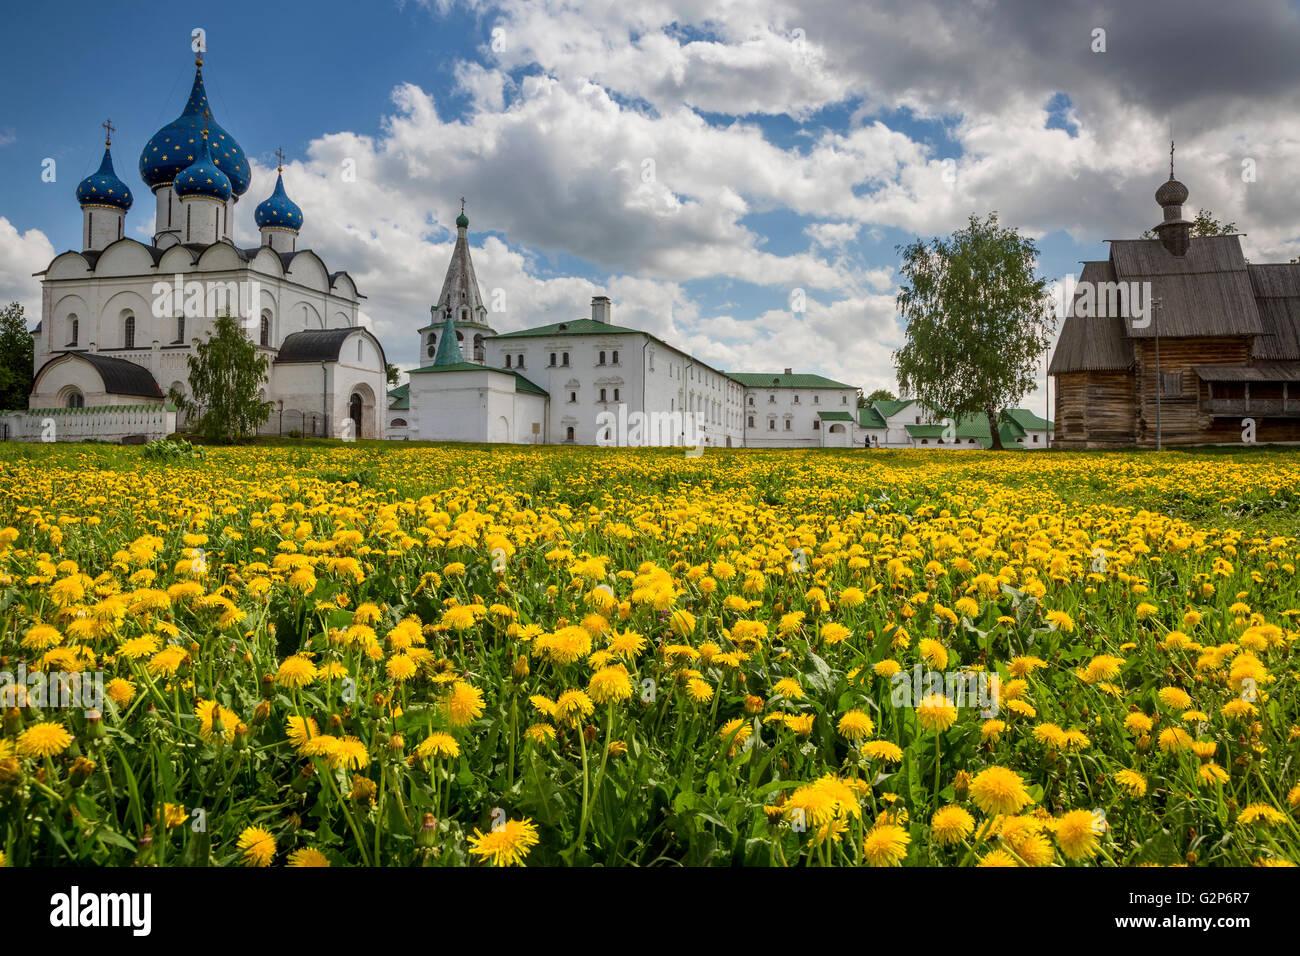 Vue de l'ancien Kremlin de Souzdal en Russie. Souzdal est une partie de l'itinéraire touristique anneau Photo Stock